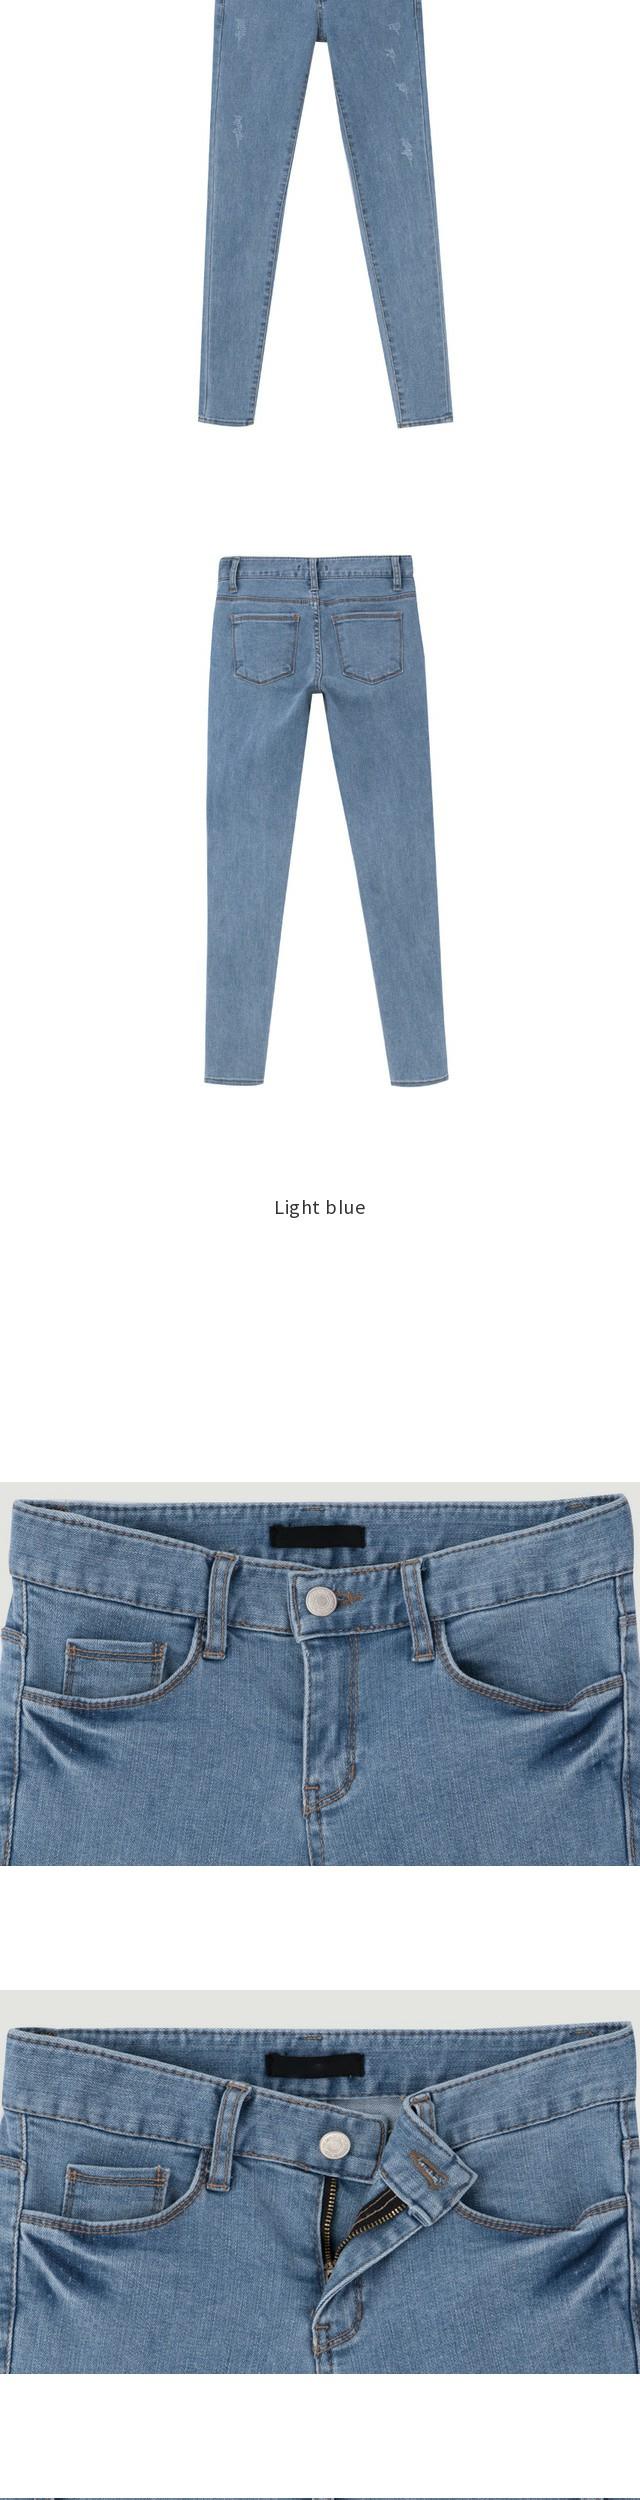 013 Spring Slim Skinny